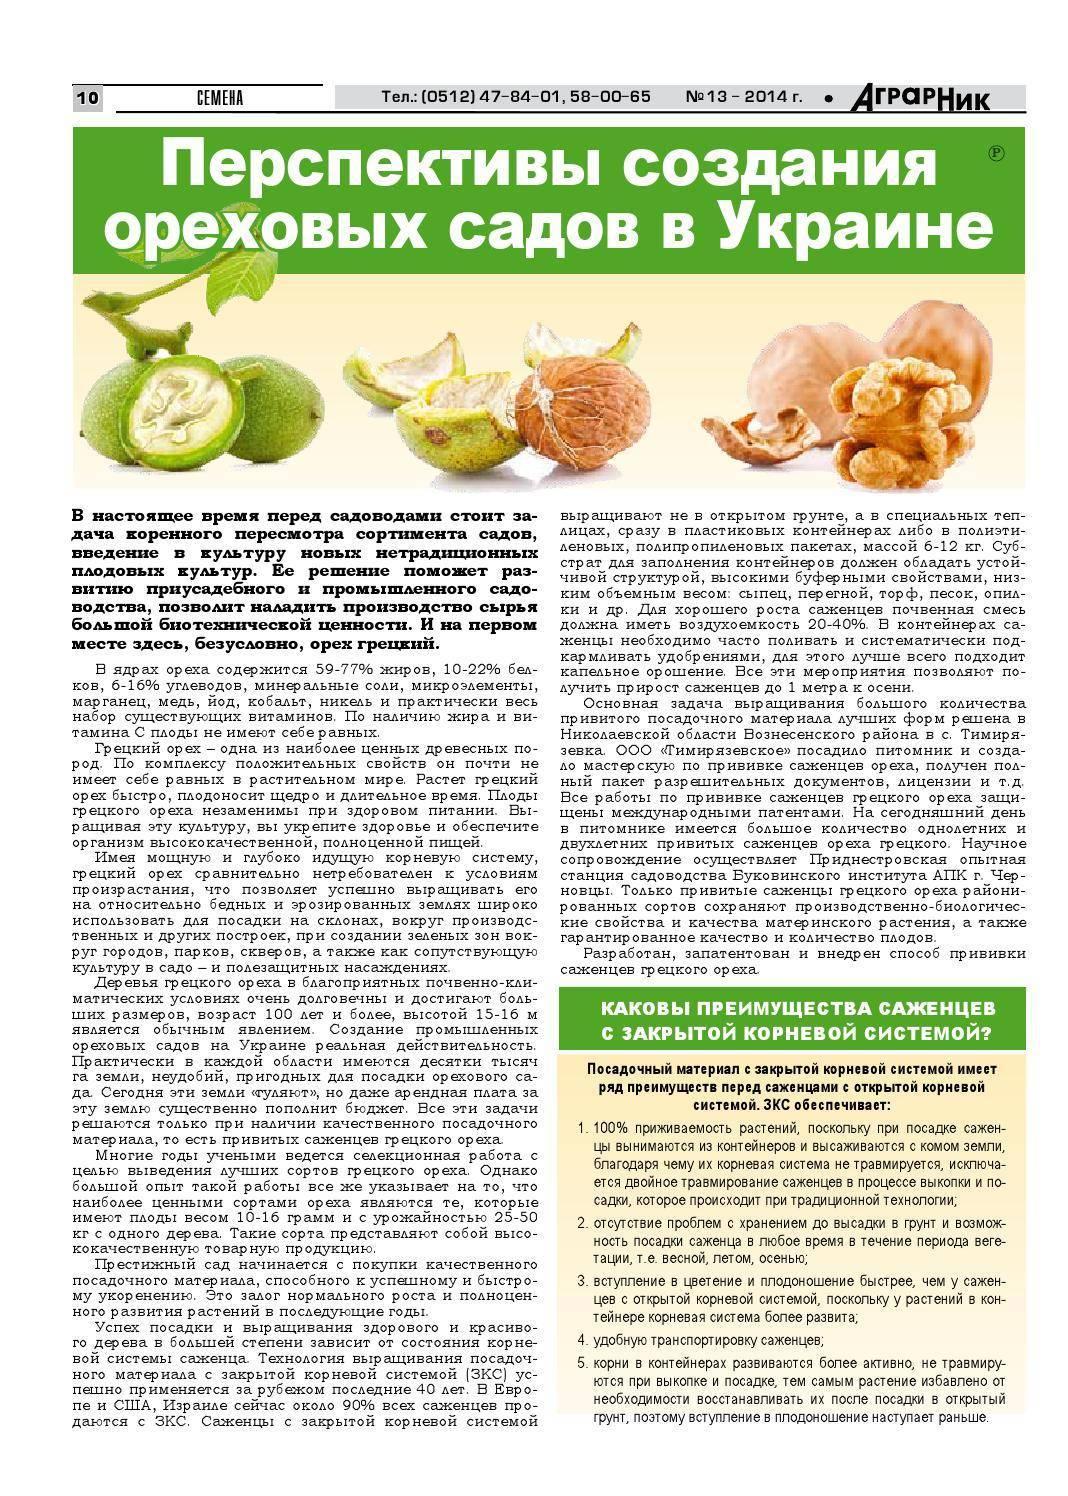 Система защиты плодового сада от вредителей и болезней: средства борьбы с насекомыми и вирусами